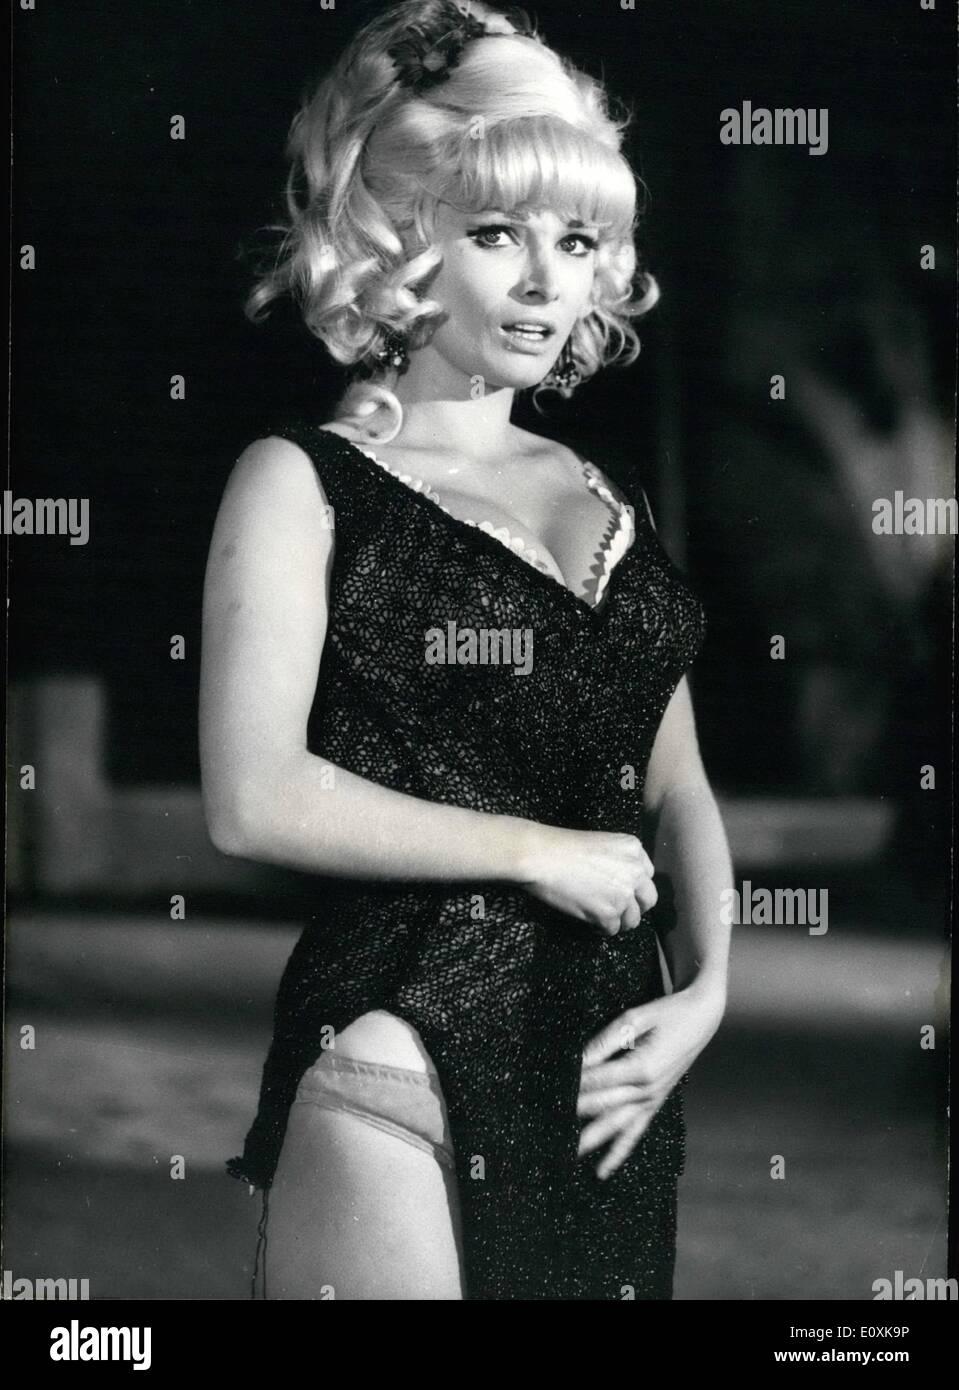 Aida Folch Nude Photos 91